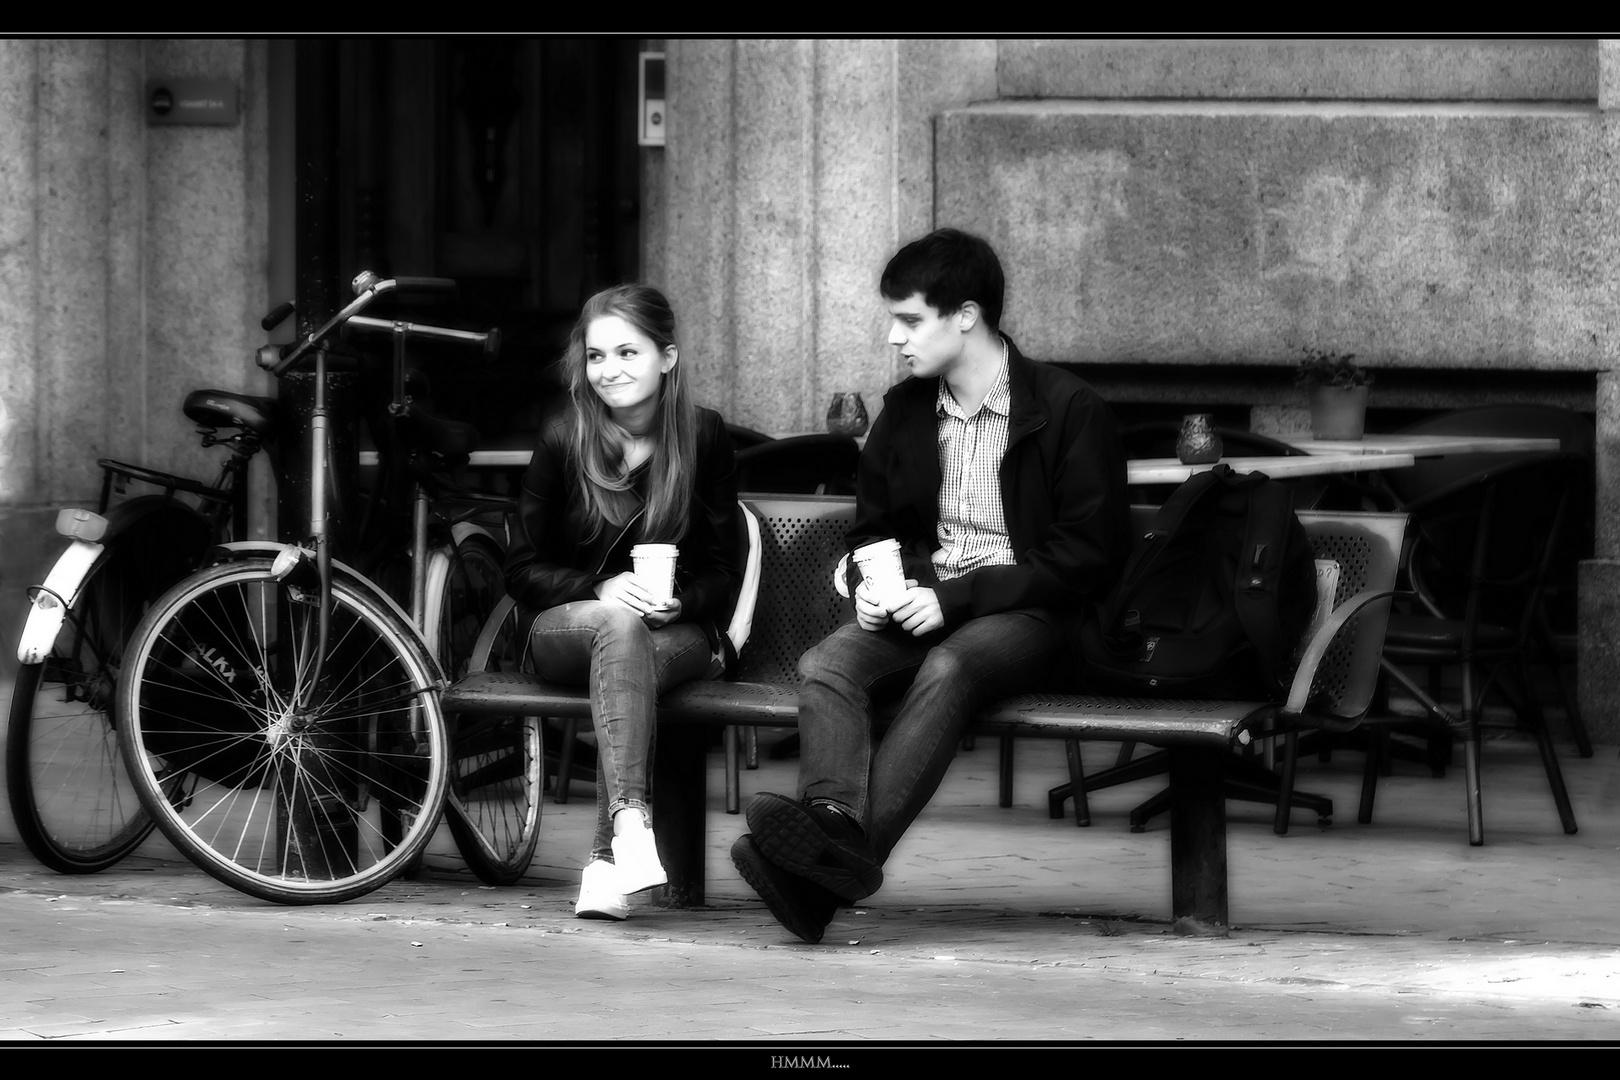 Ein Unmoralisches Angebot Foto Bild Street Menschen